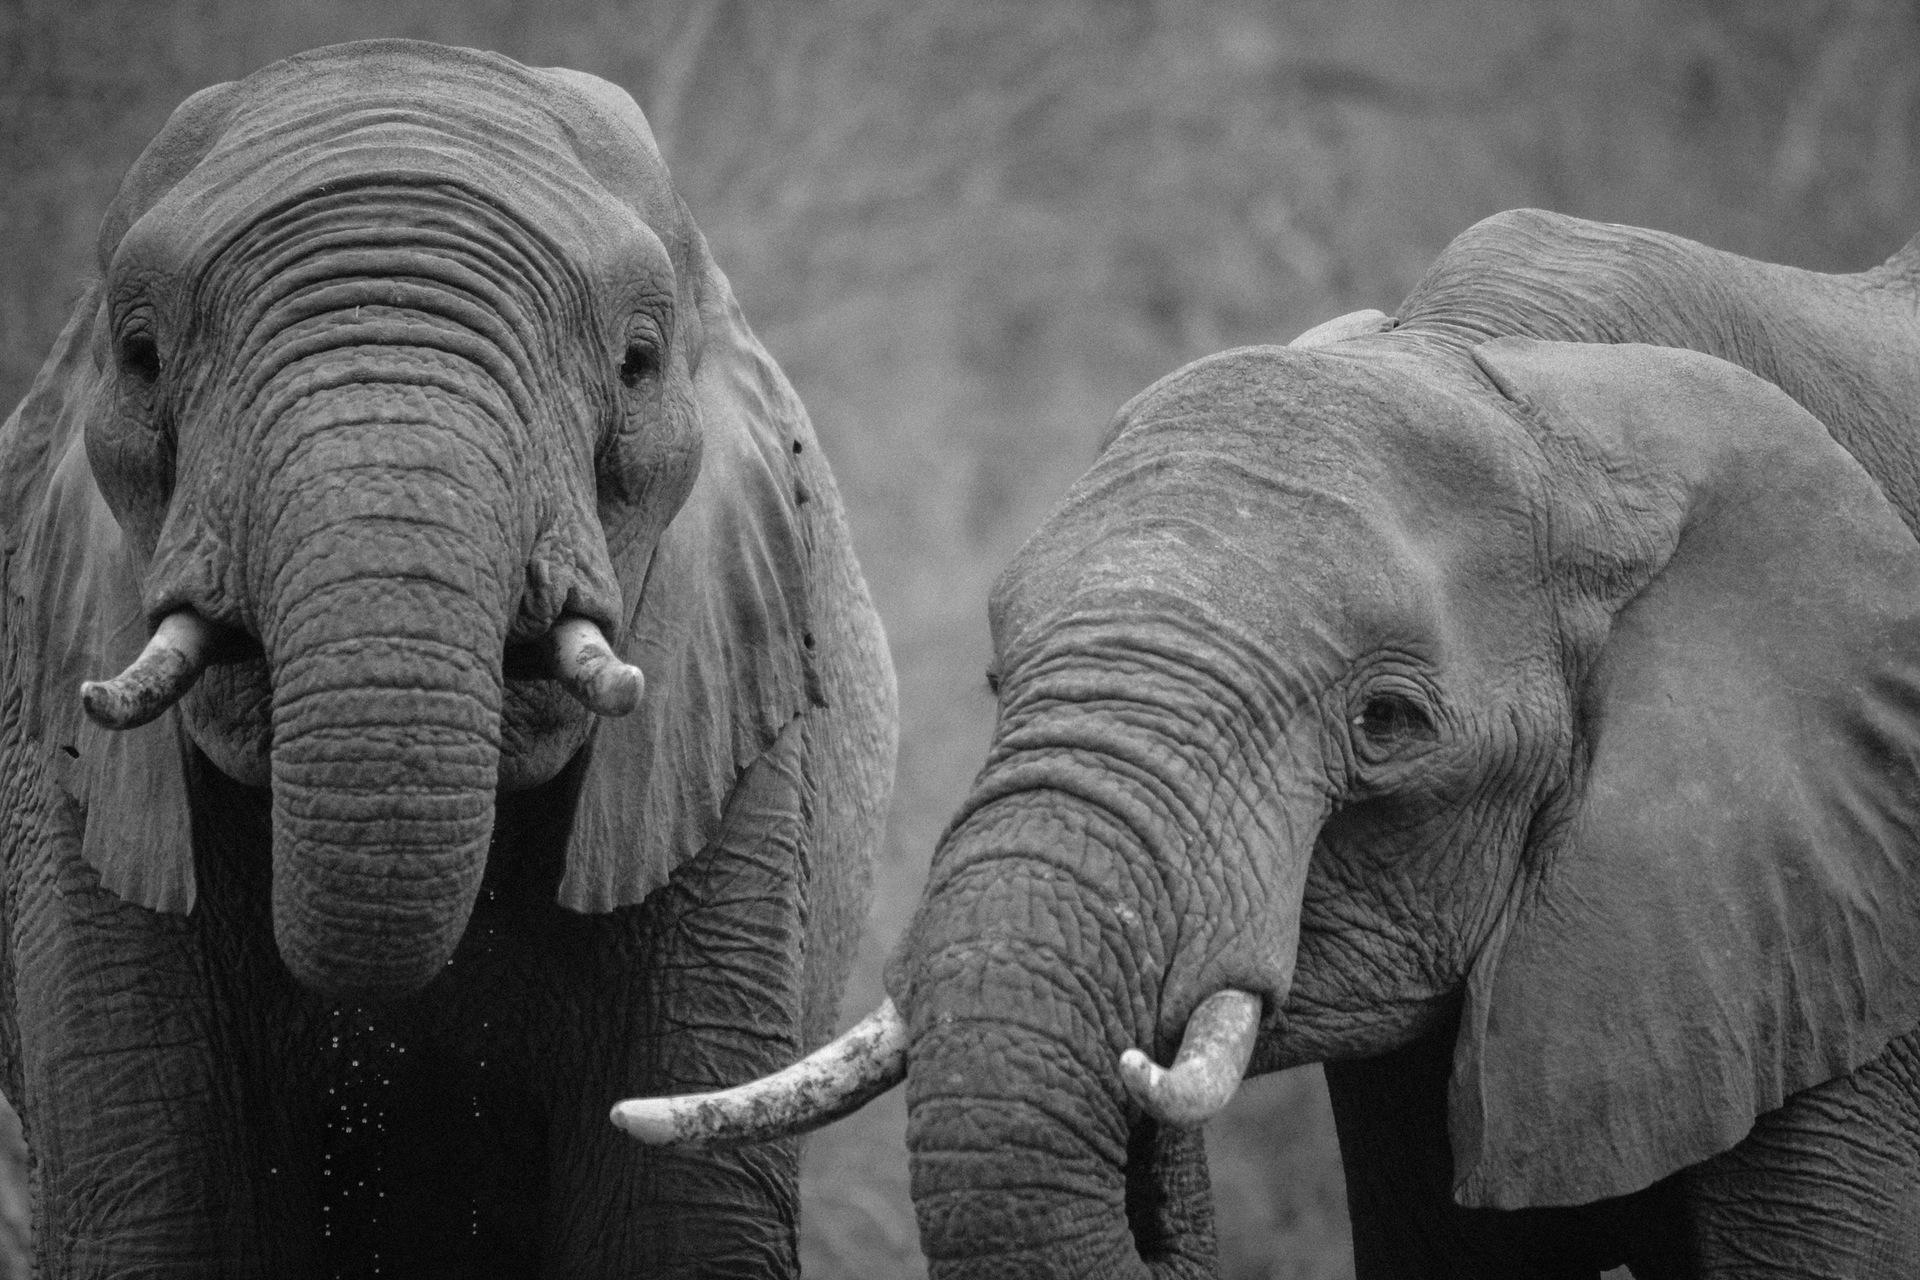 ελέφαντες, ζευγάρι, Σαφάρι, Αφρική, σε μαύρο και άσπρο - Wallpapers HD - Professor-falken.com